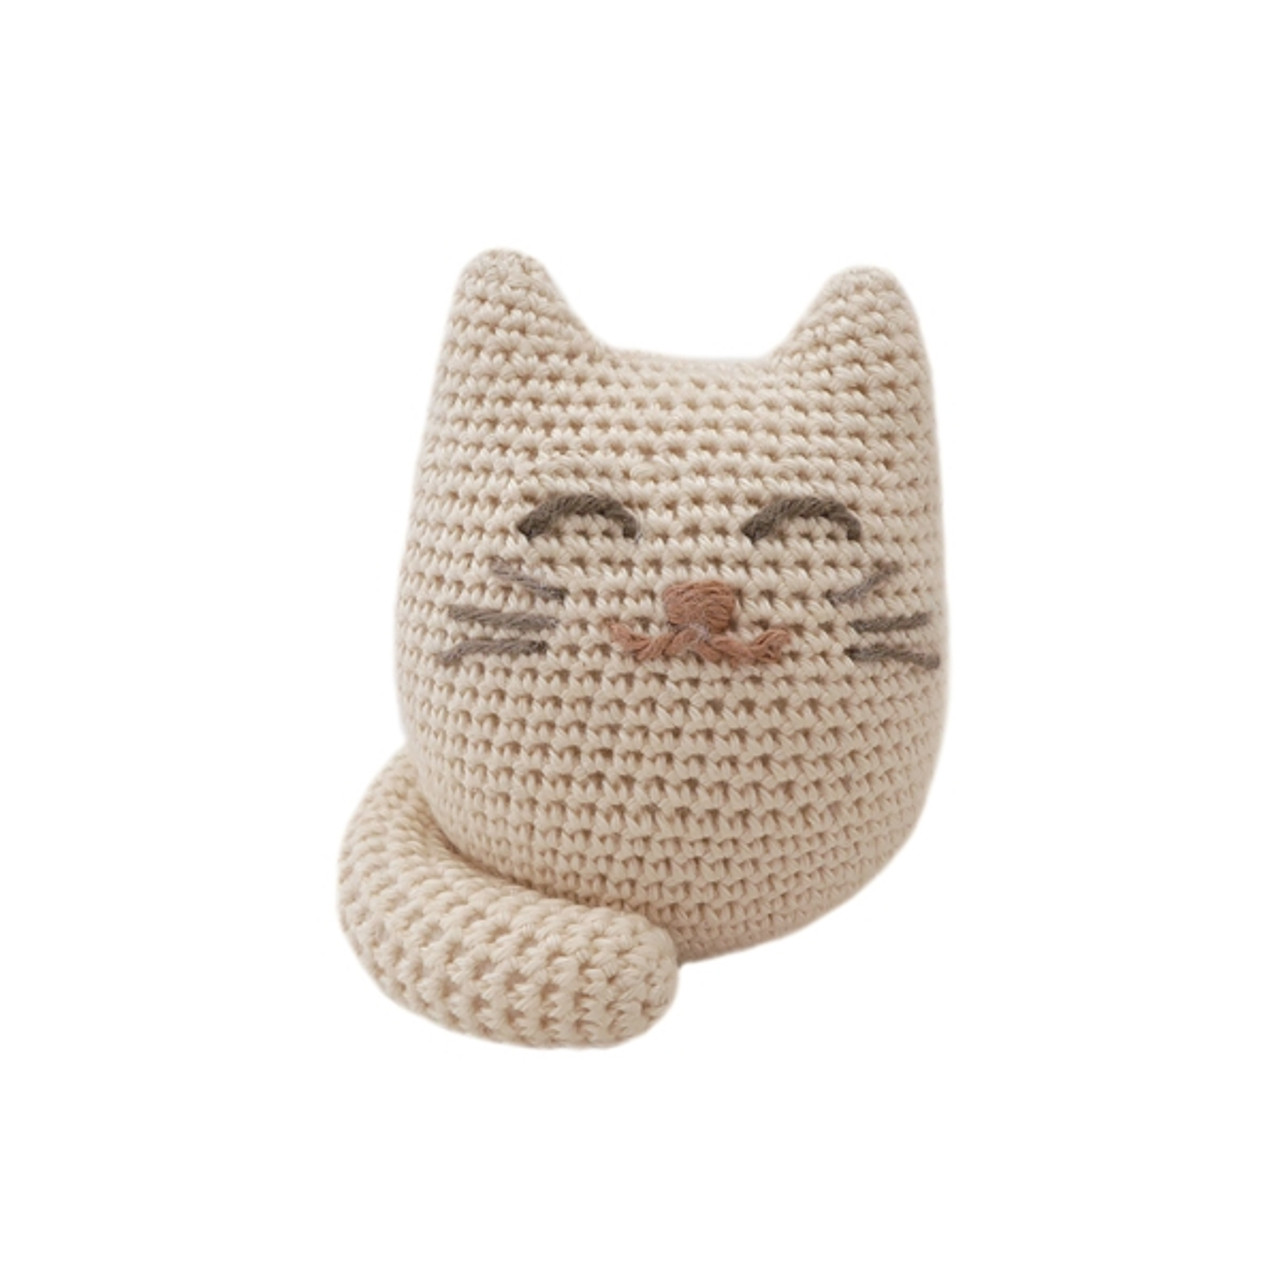 Organic Kitten Rattle - Handknit